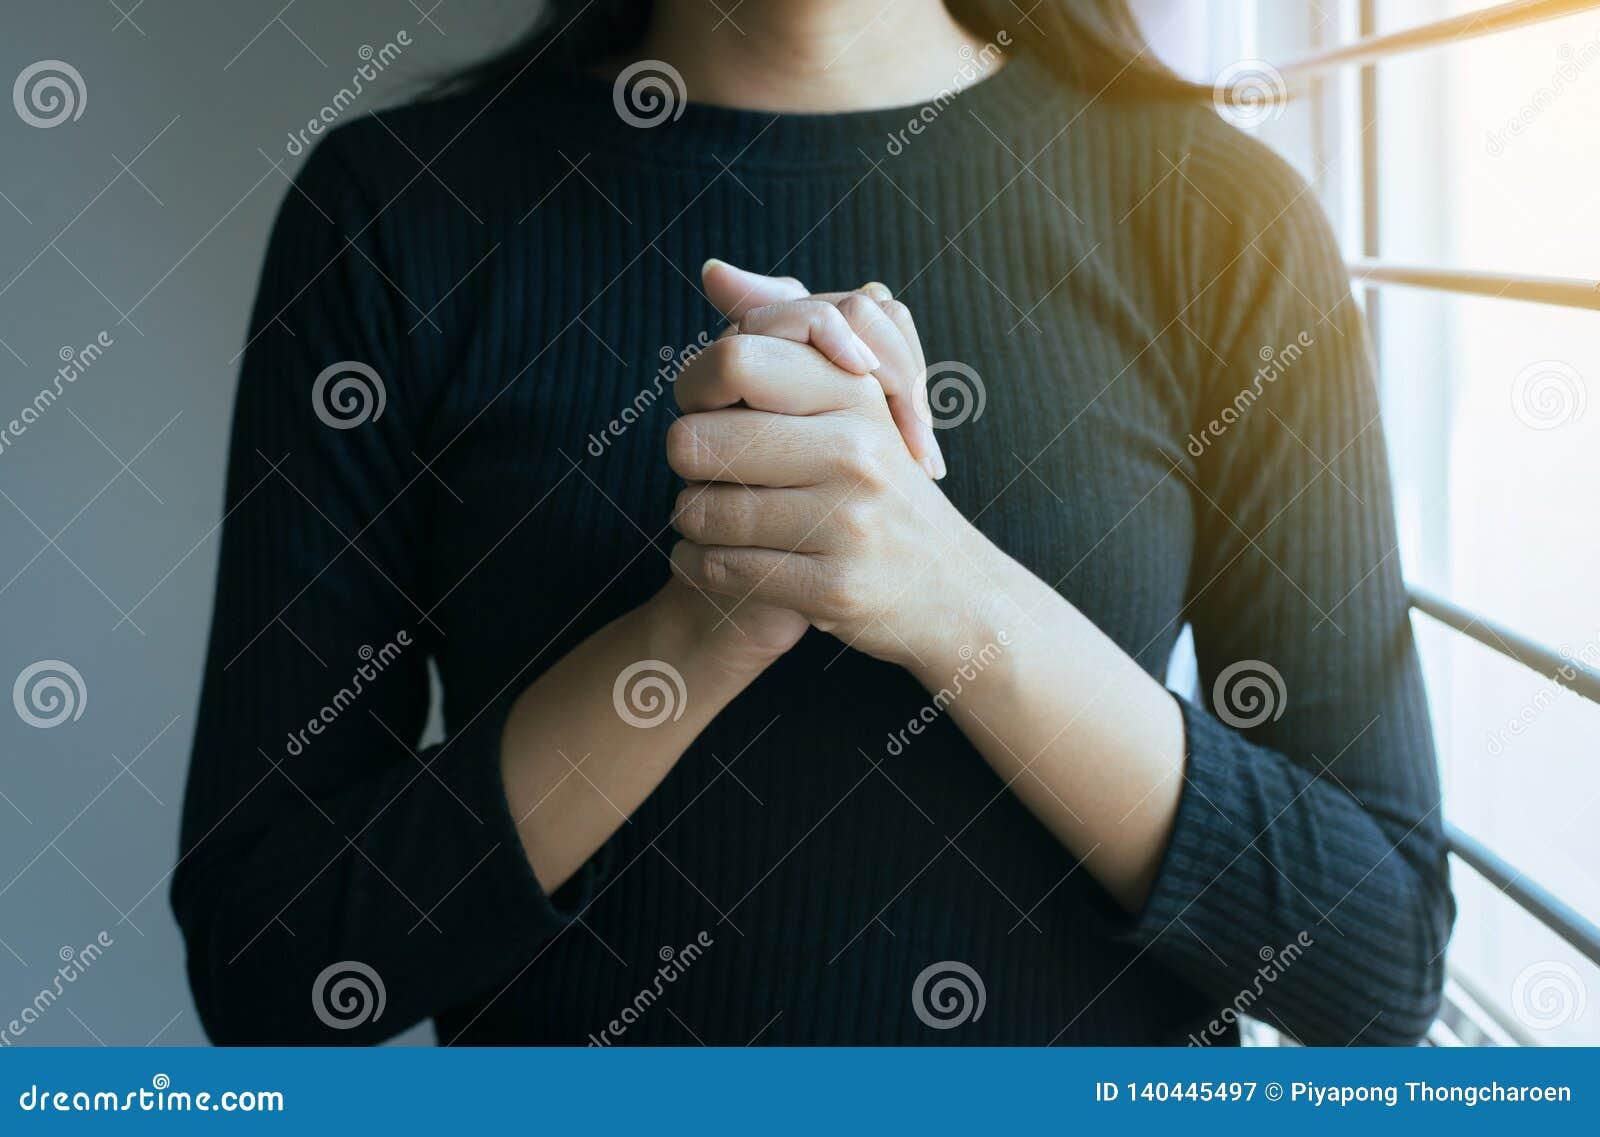 Fermez-vous de la femme de main en position de prière, respect femelle de salaire ou remontez vos mains en position de prière